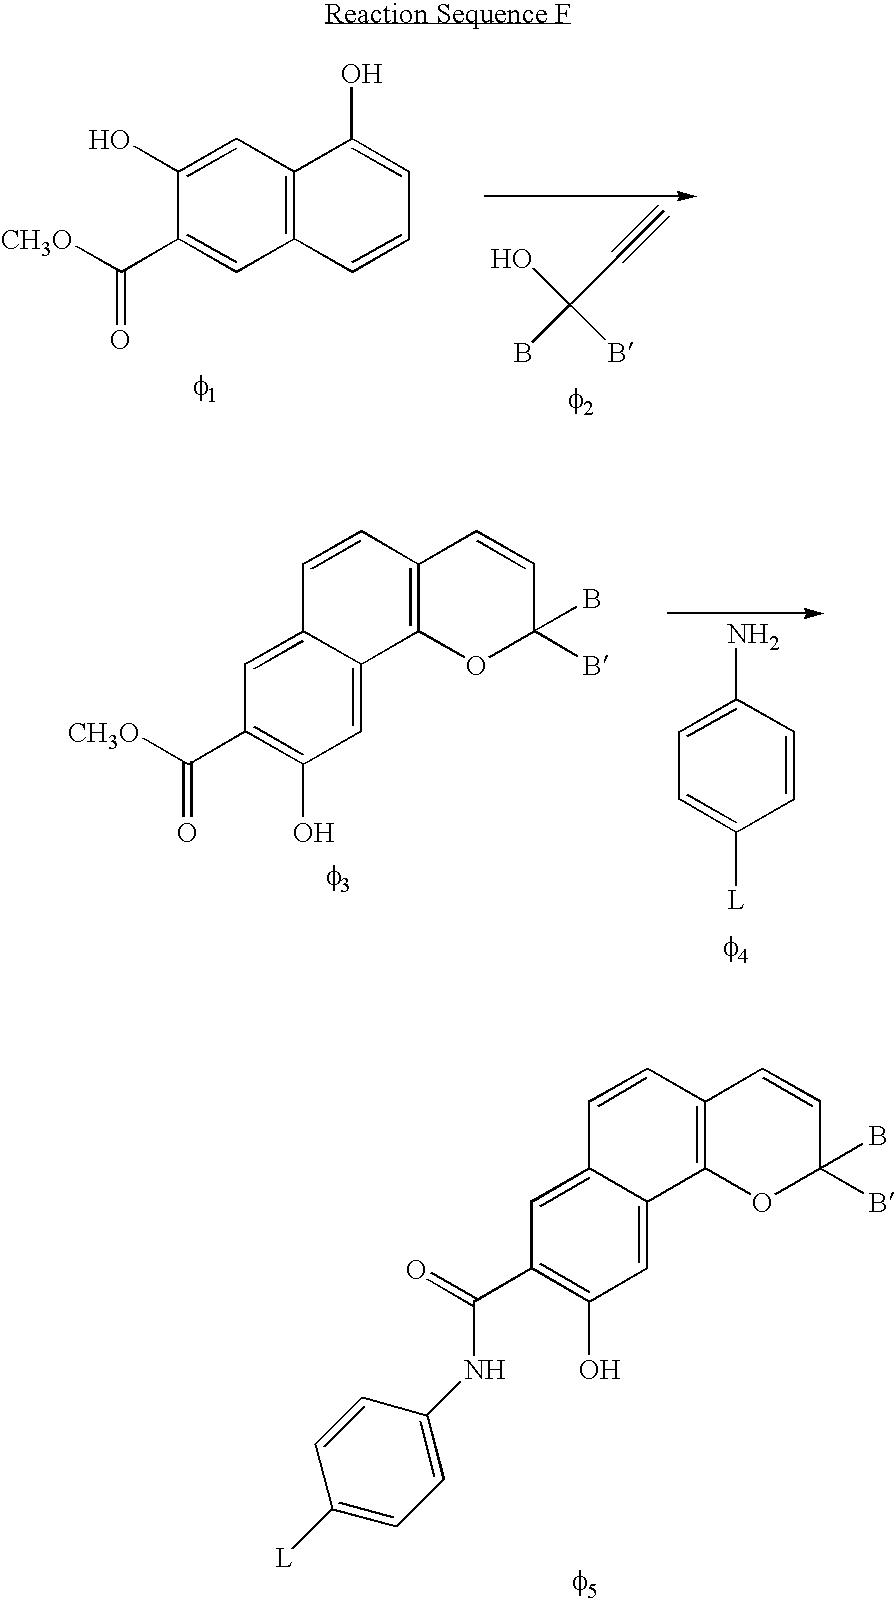 Figure US20070053047A1-20070308-C00019